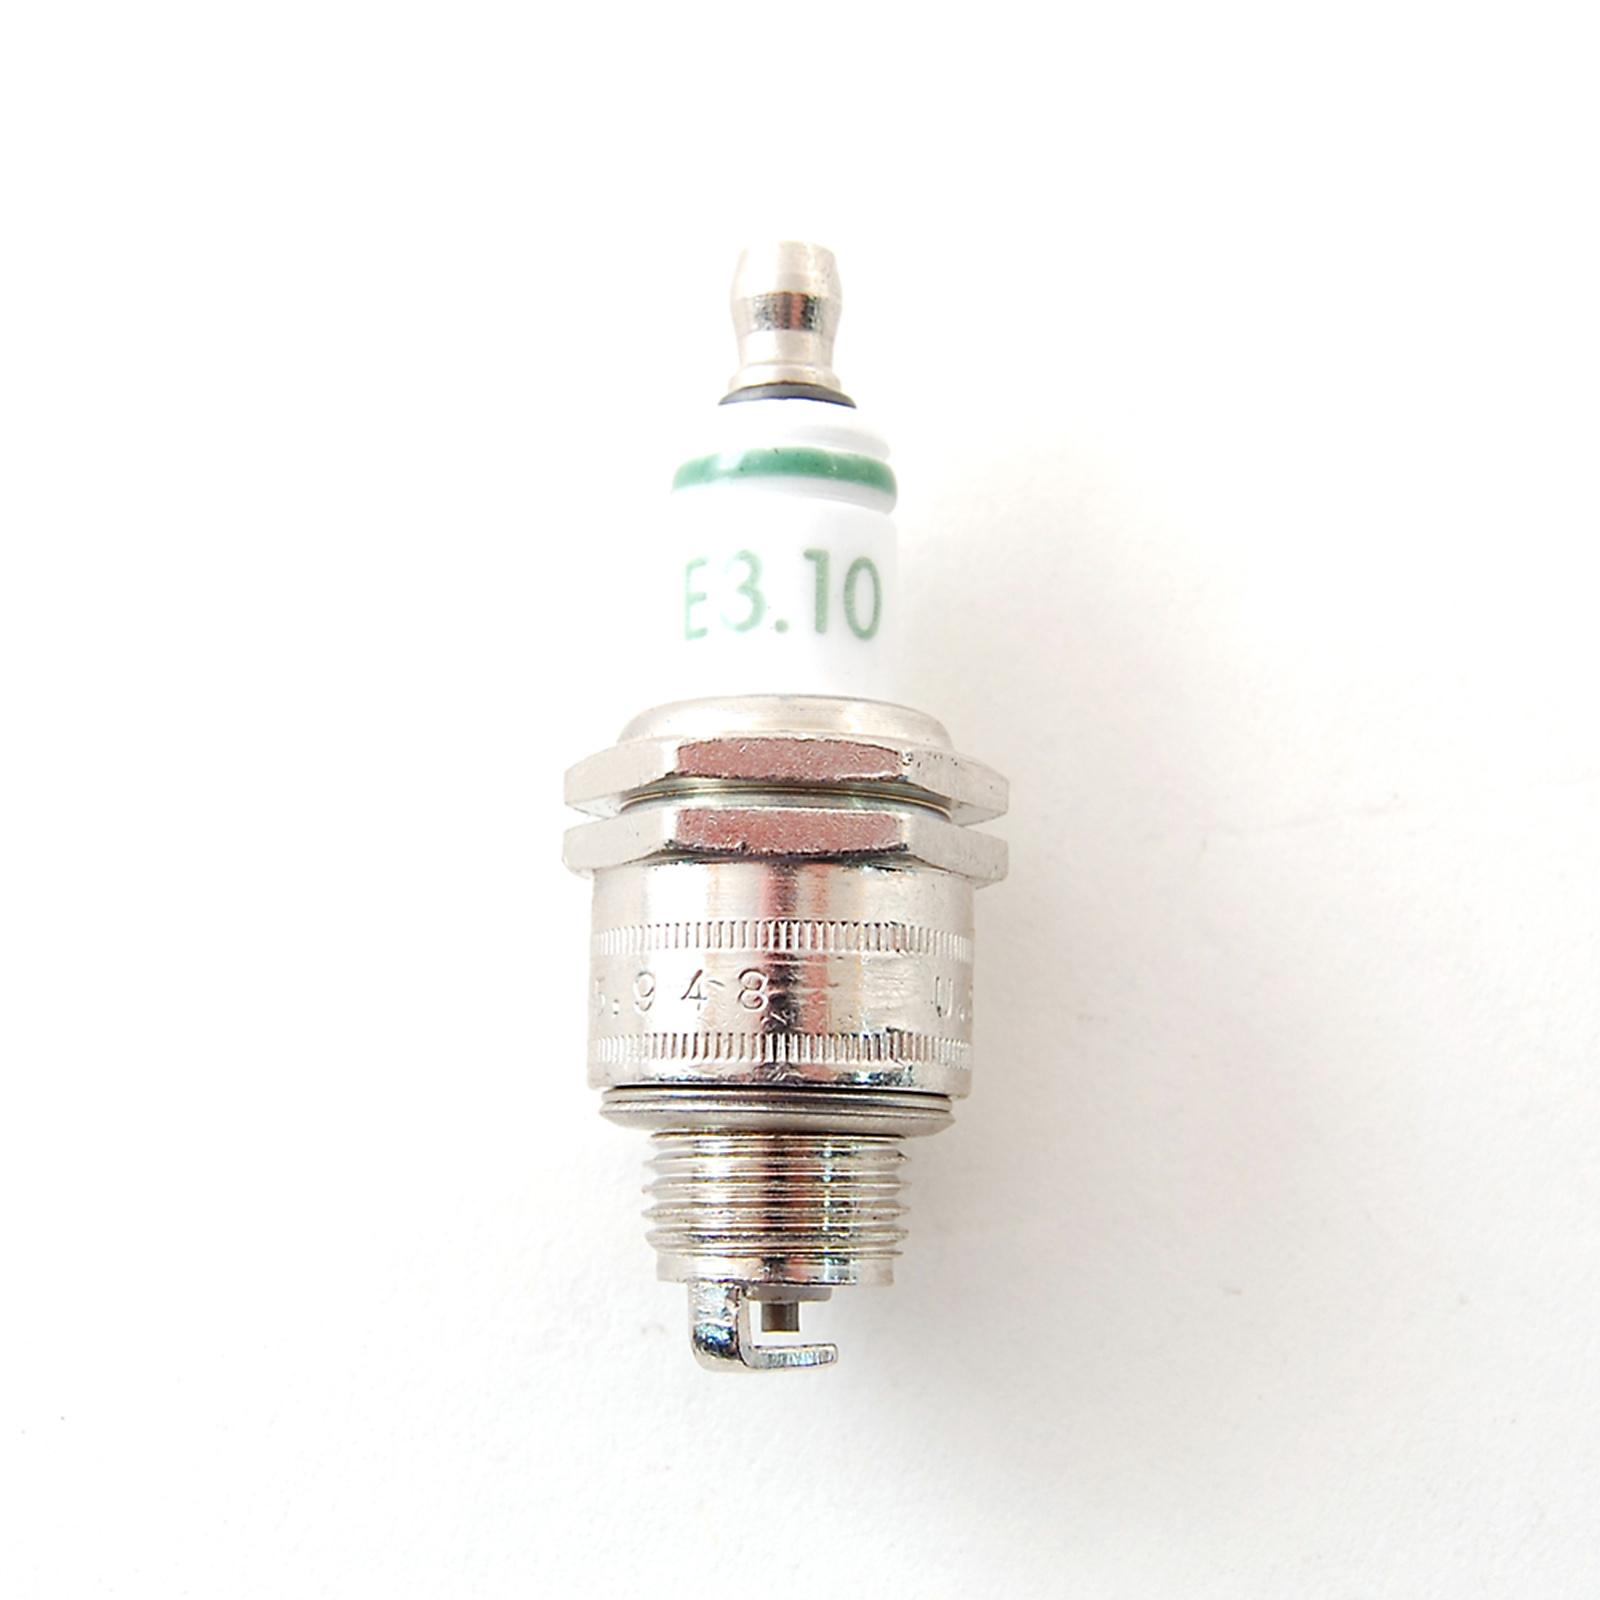 E3 .10 Small Engine Spark Plug